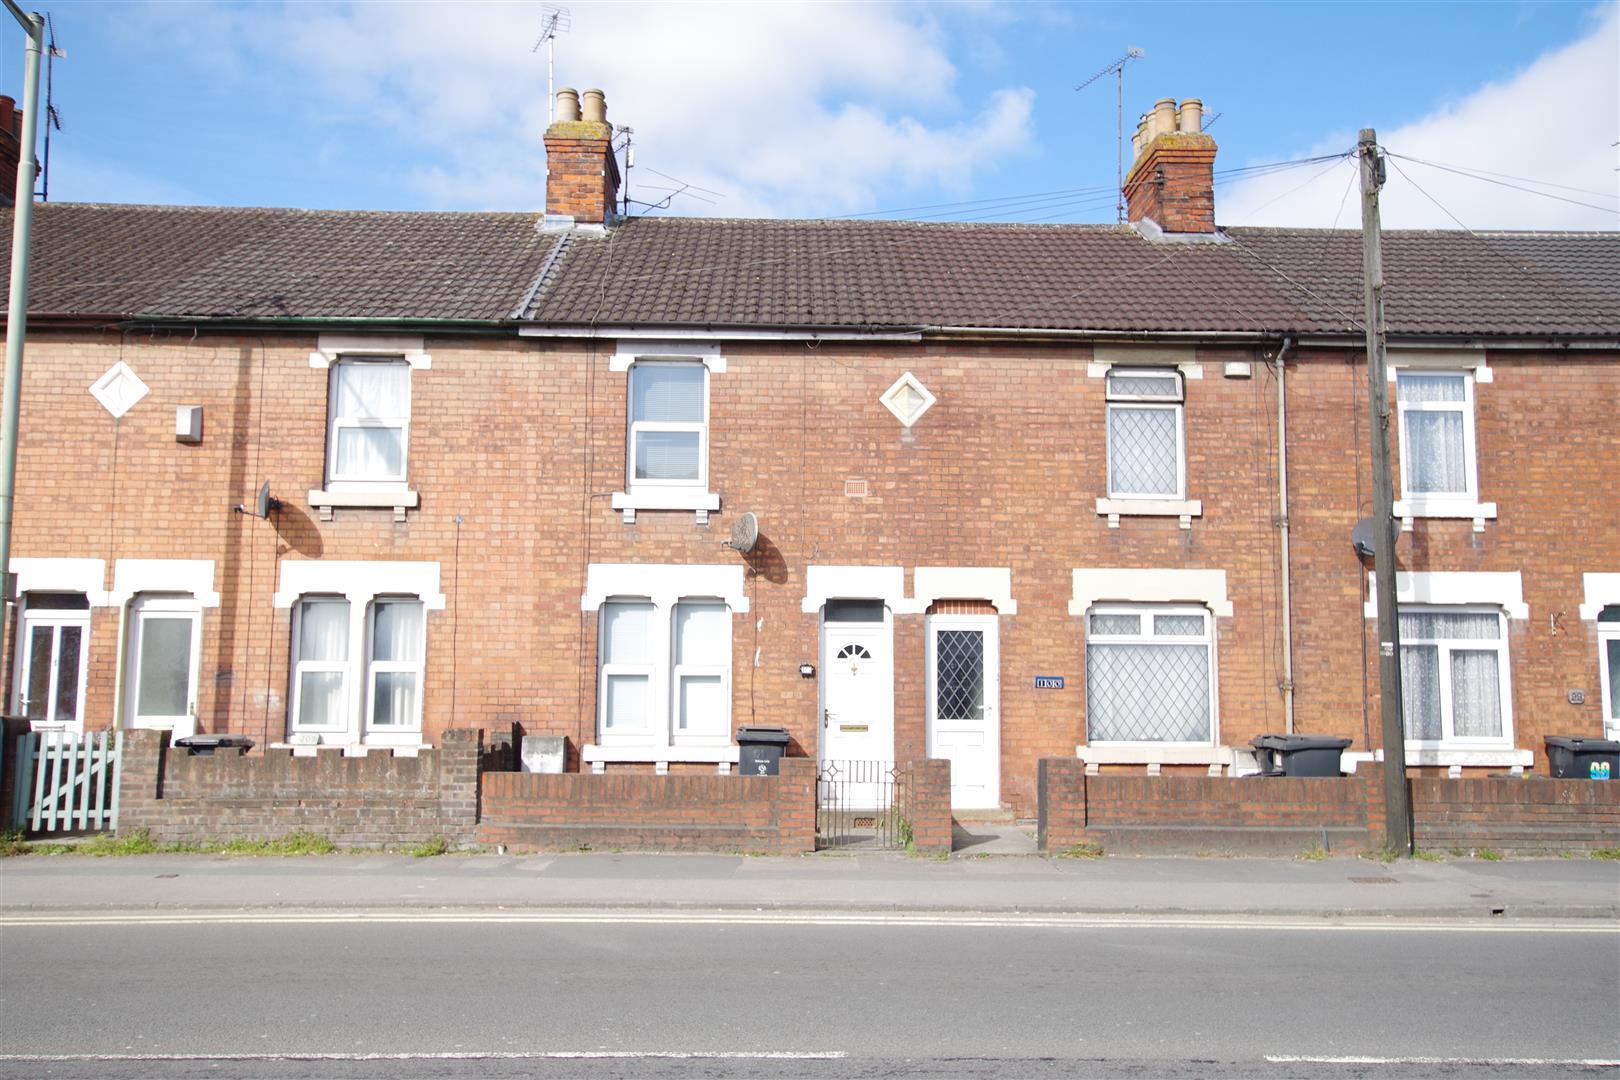 Rodbourne Road, Rodbourne, Swindon